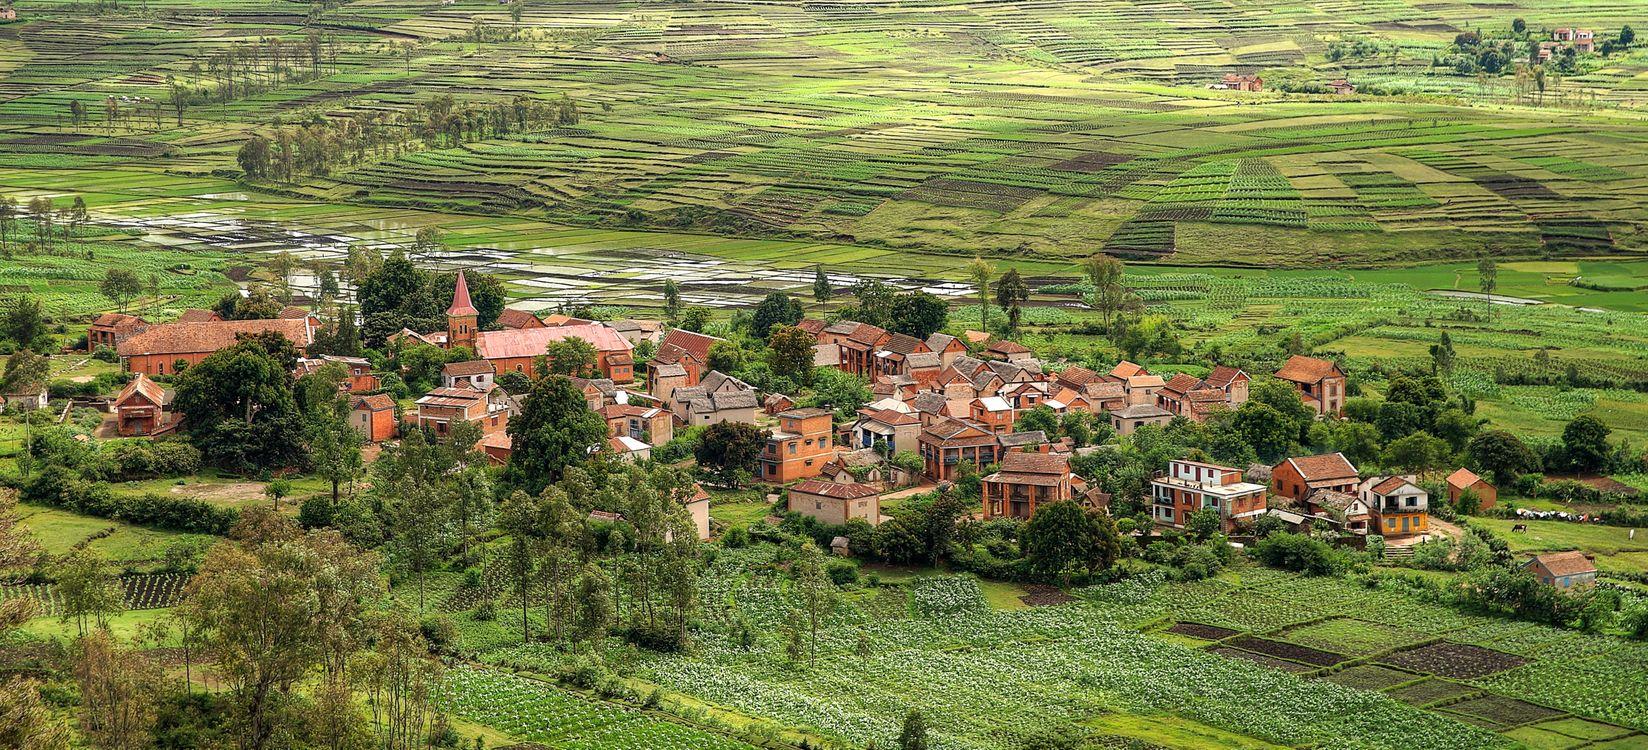 Фото бесплатно мадагаскар, африка, поля, дома, деревья, пейзаж, пейзажи